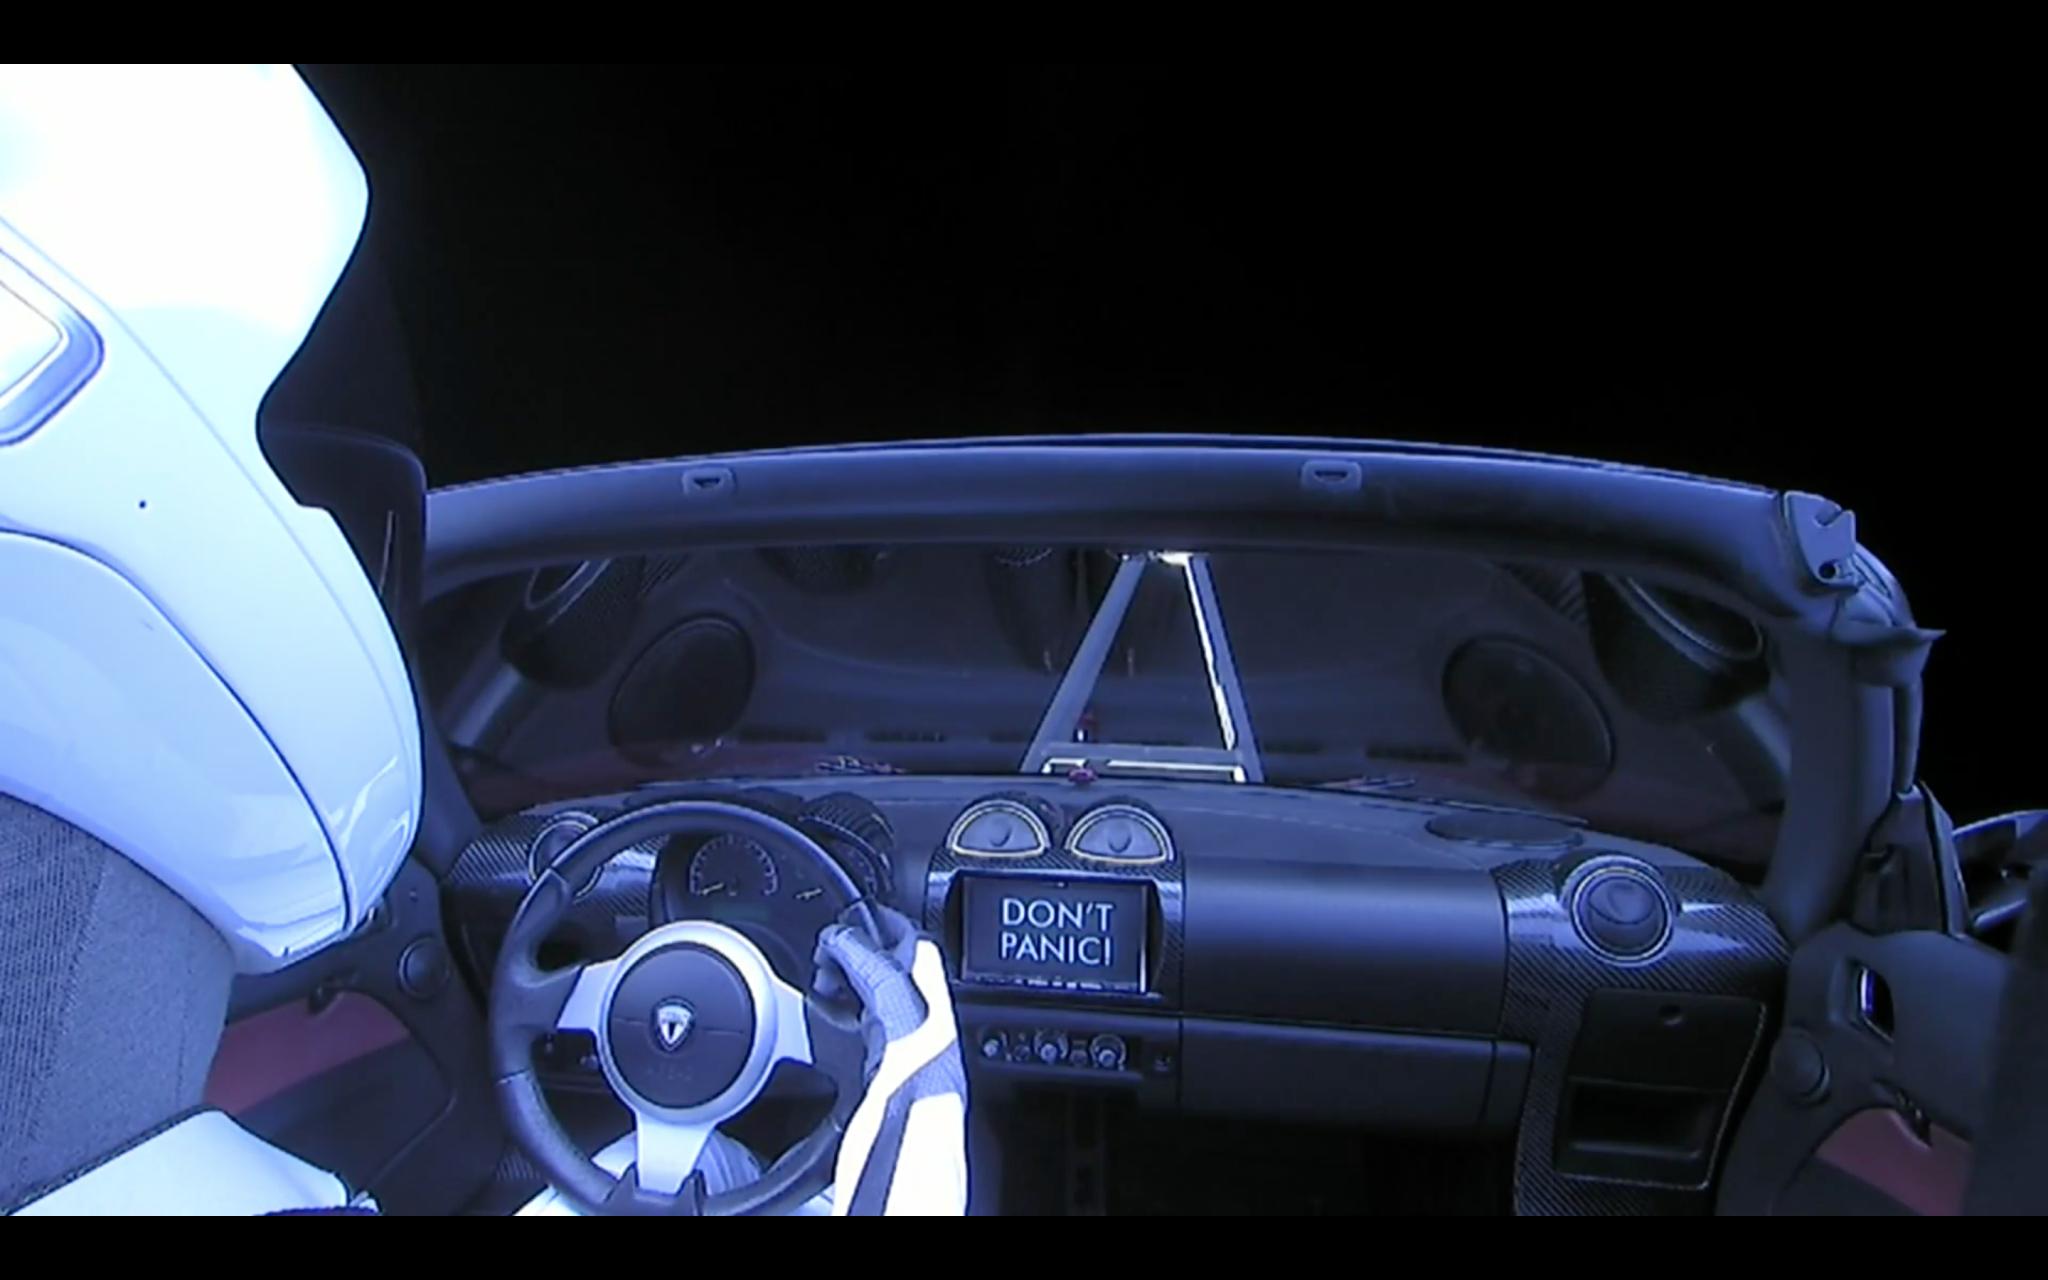 Resultado de imagem para spacex don't panic